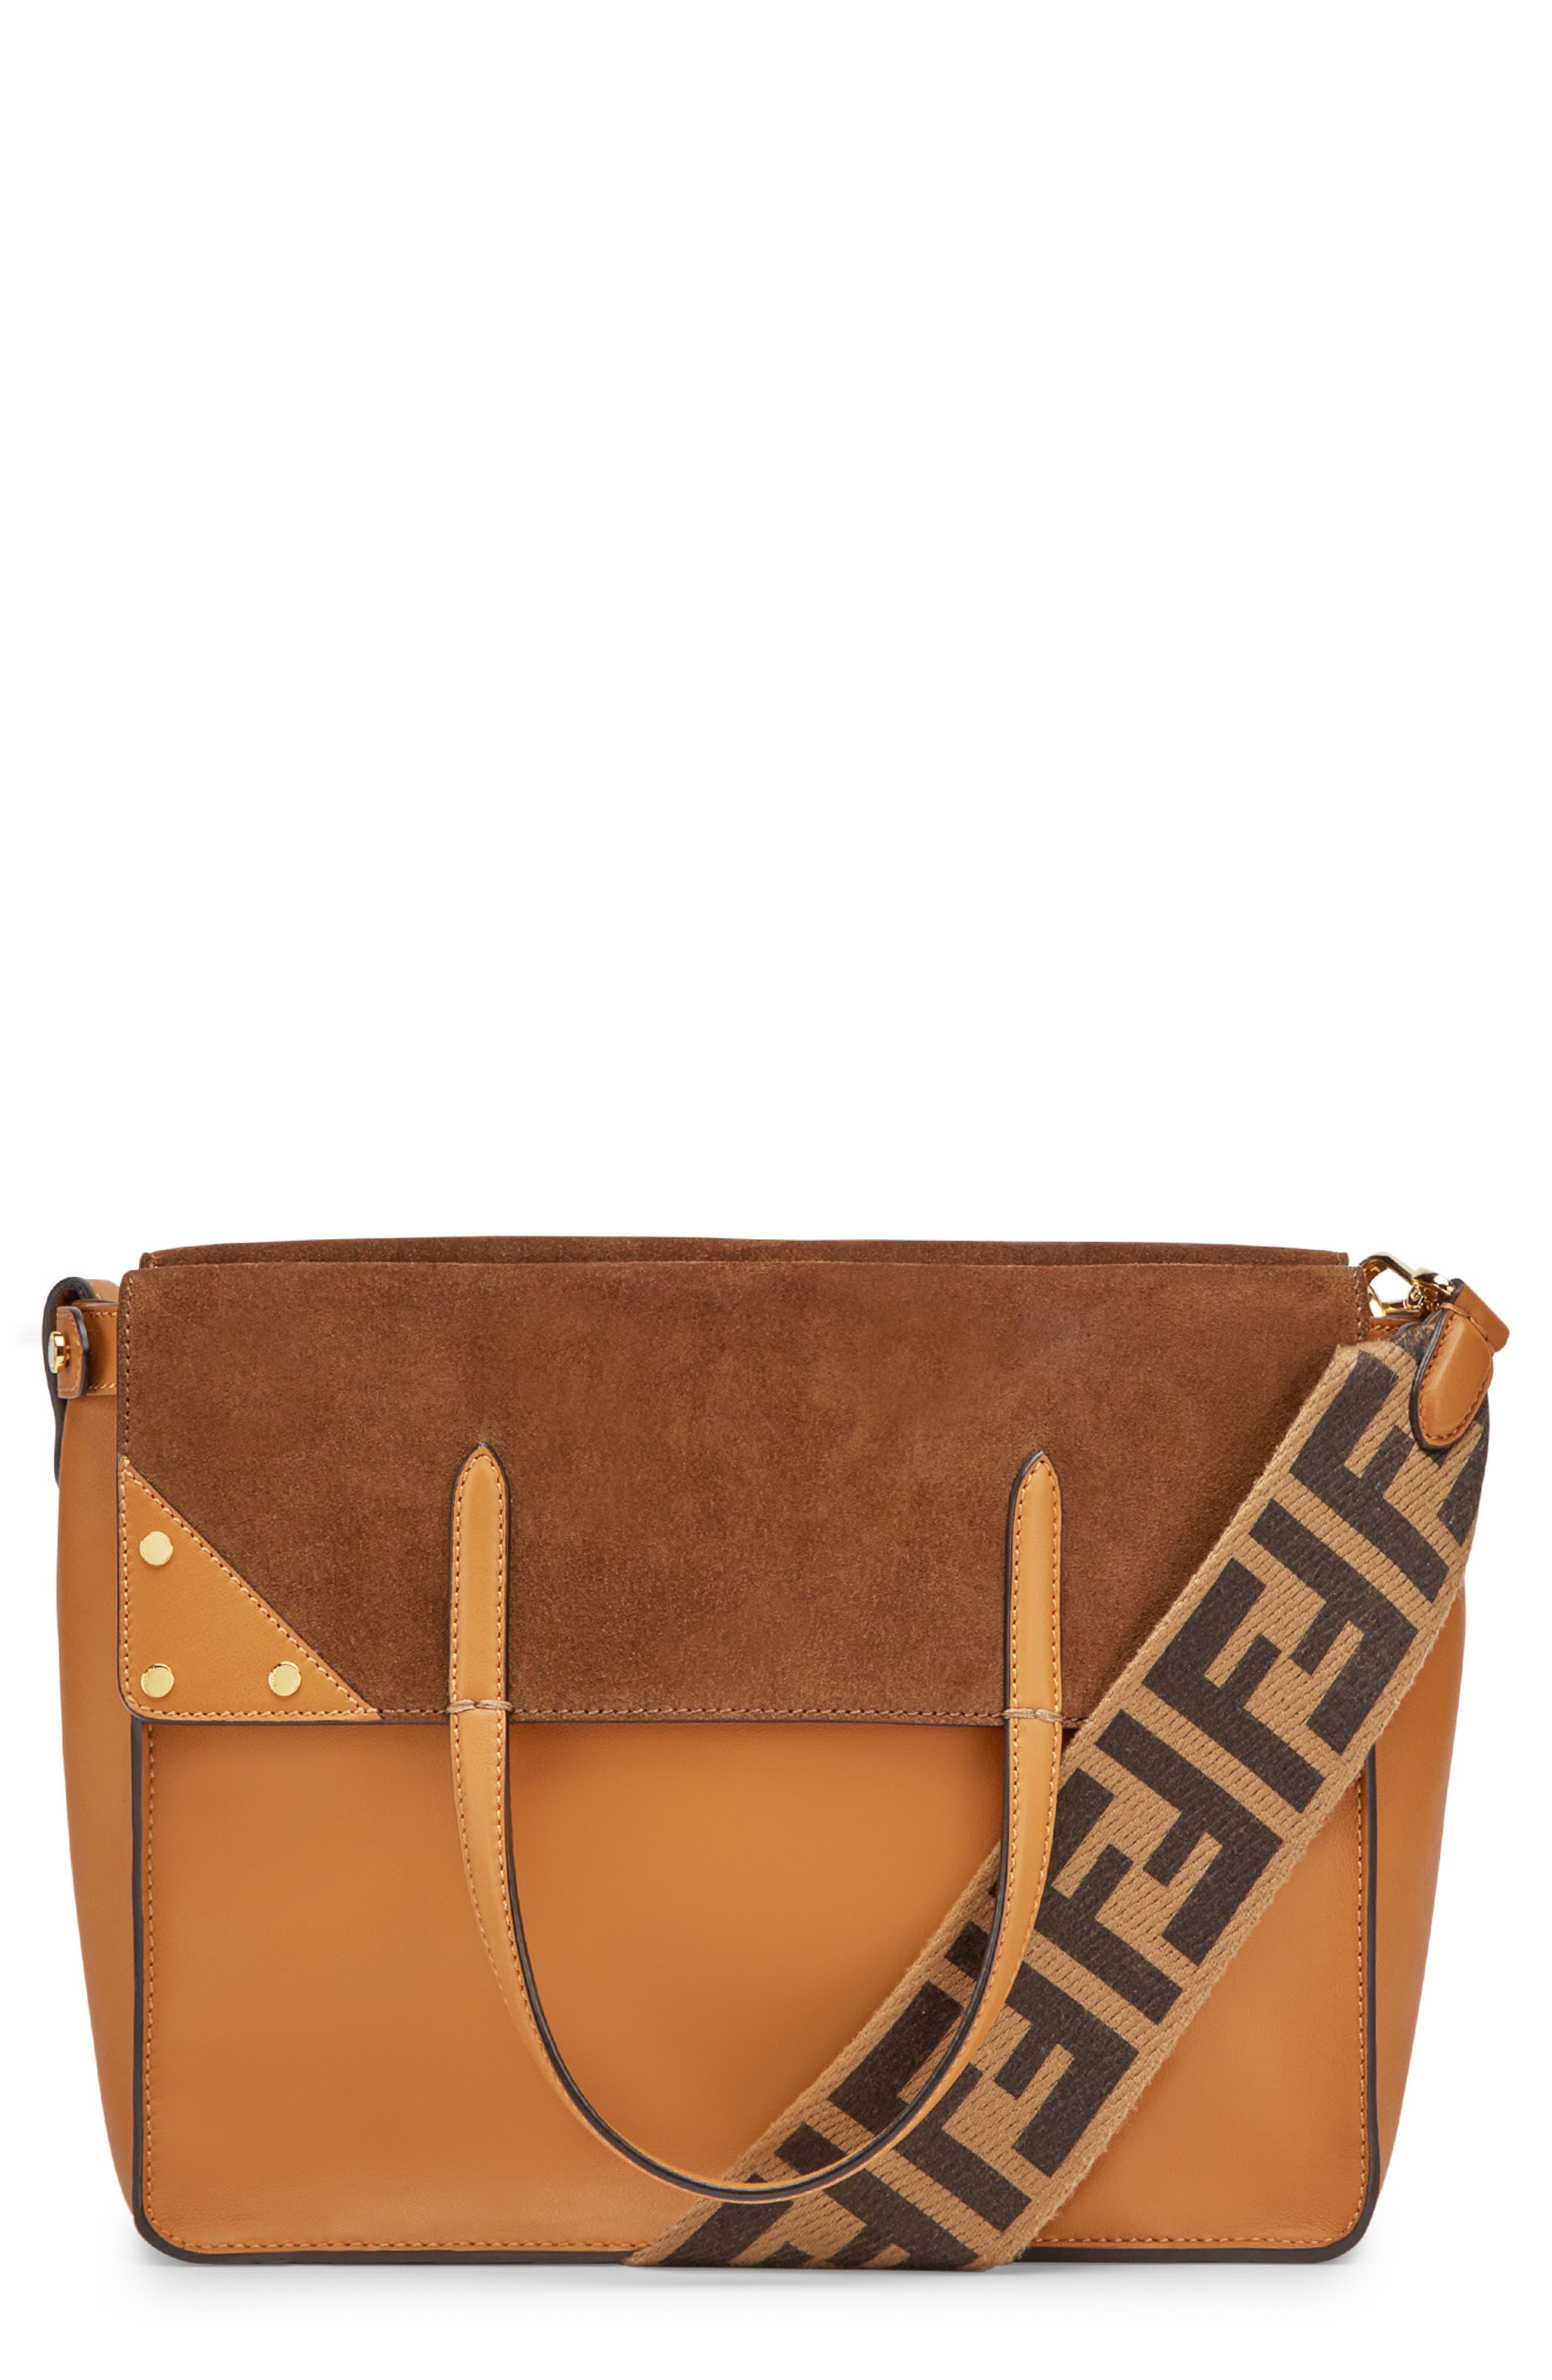 FENDI Flip Leather & Suede Tote, Main, color, MARRON/ NOCCIOLA